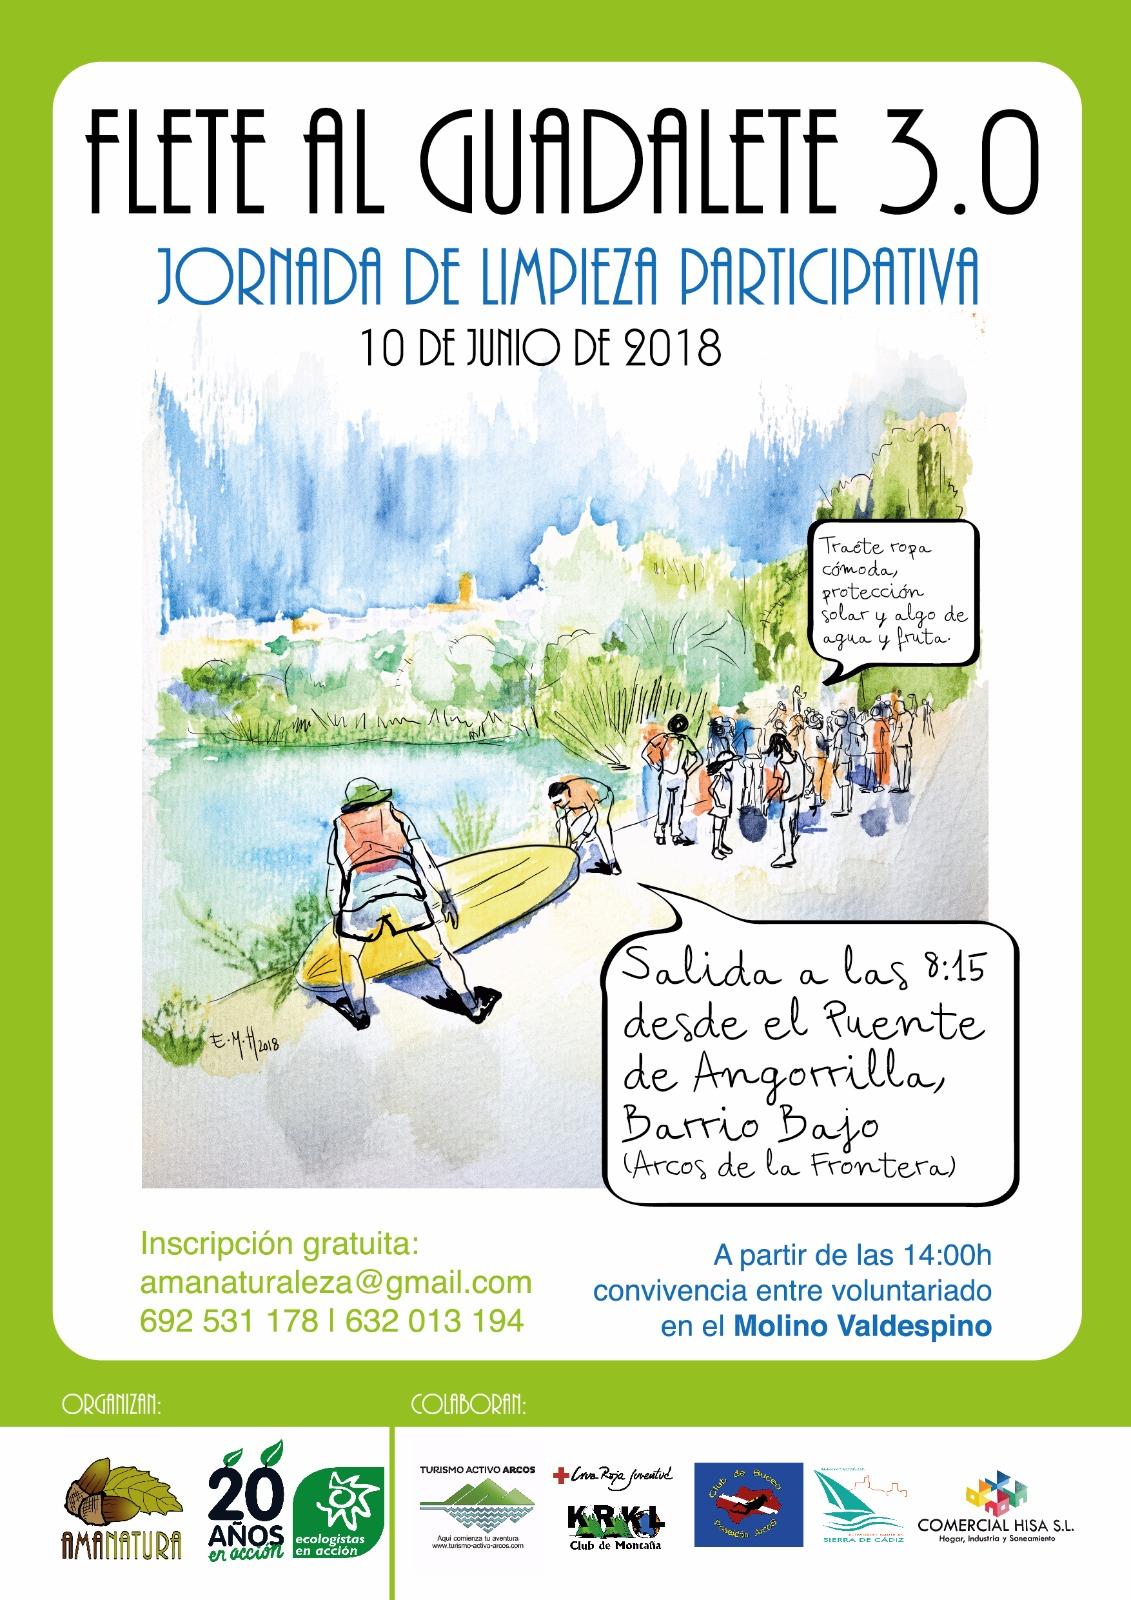 Arcos: Flete al Guadalete 3.0 • Ecologistas en Acción